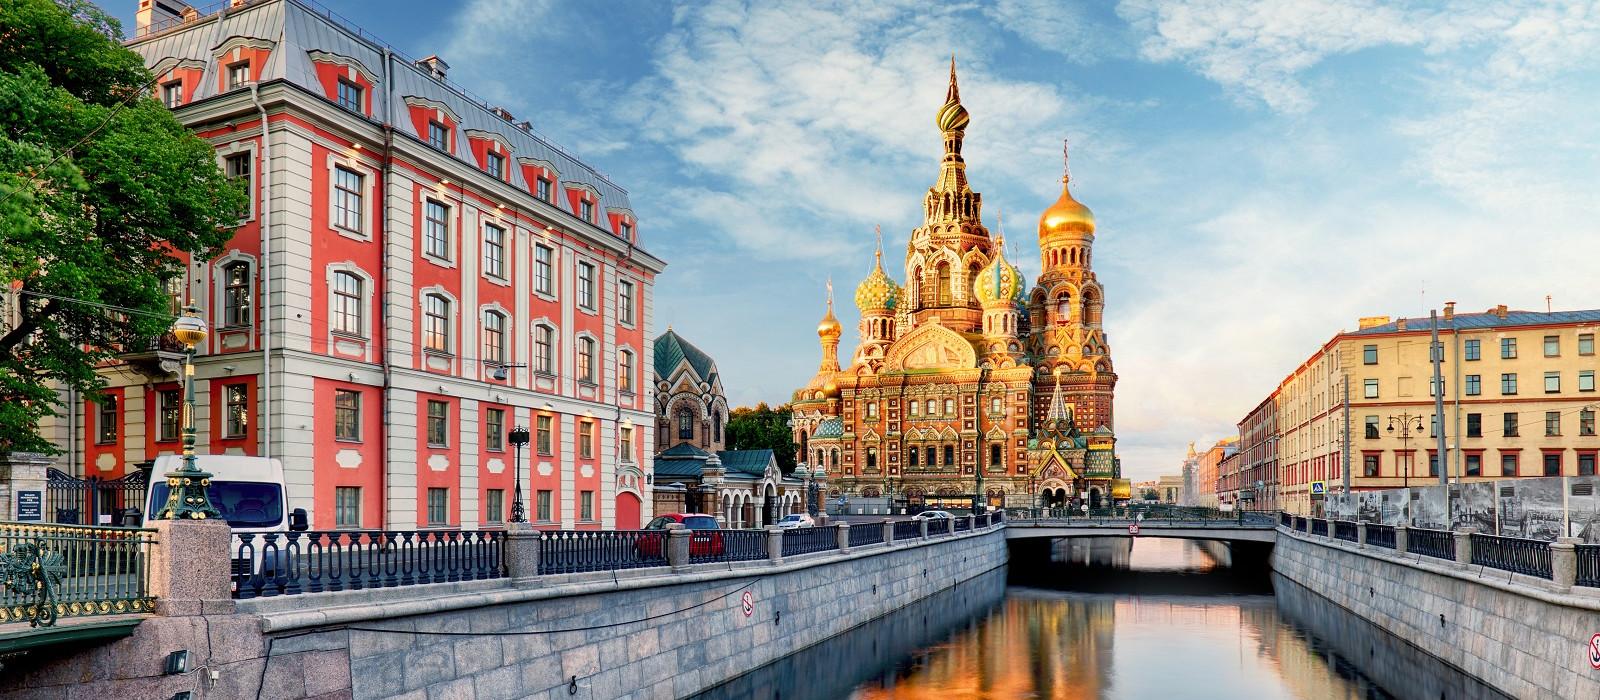 Russia: St. Petersburg and Karelia Tour Trip 1